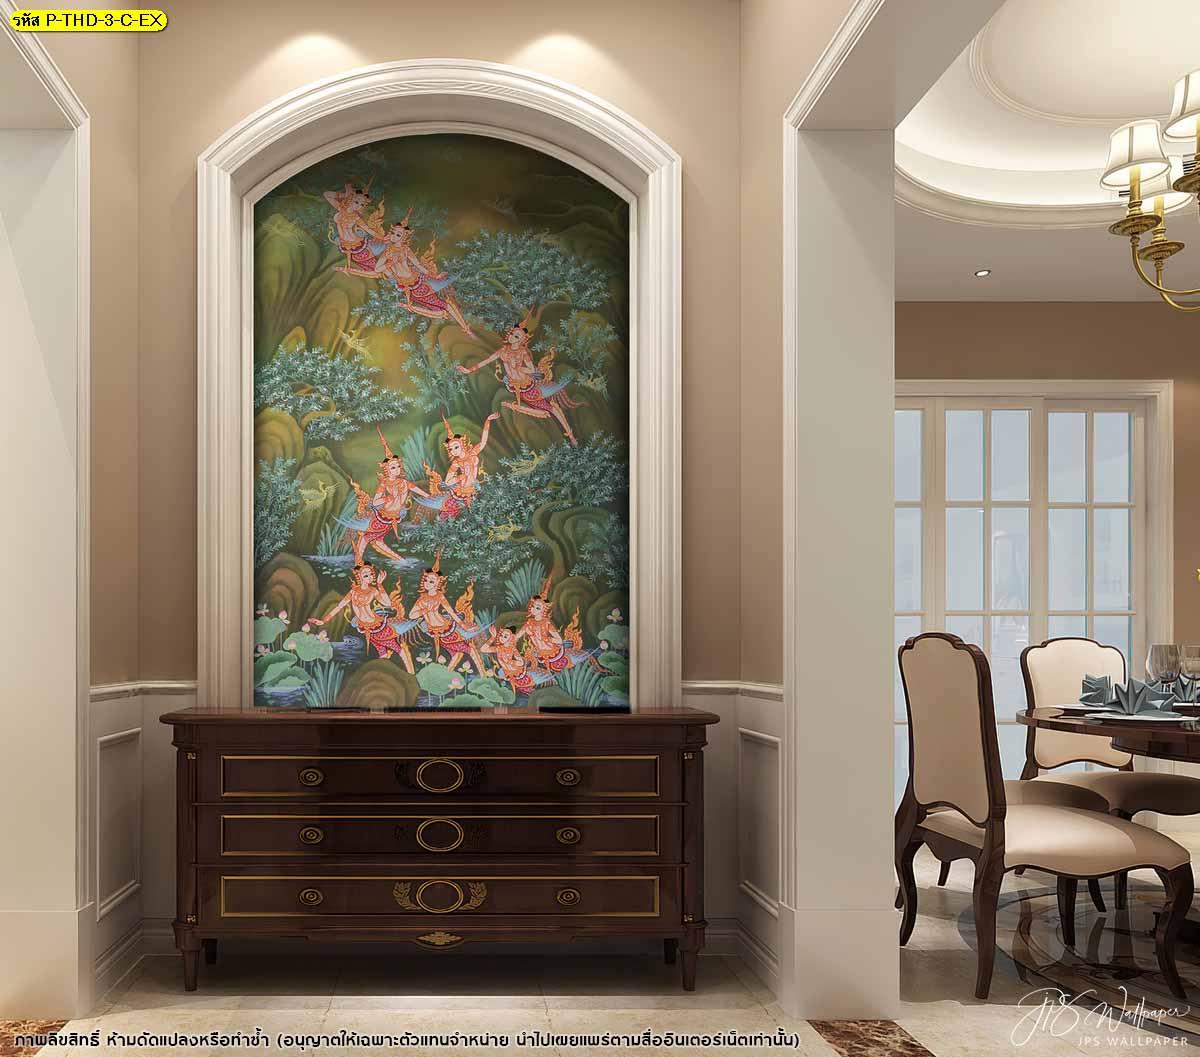 ภาพวาดฝาผนังโบราณ แต่งบ้านด้วยภาพจิตรกรรมไทย ภาพวาดฝาผนังบ้าน